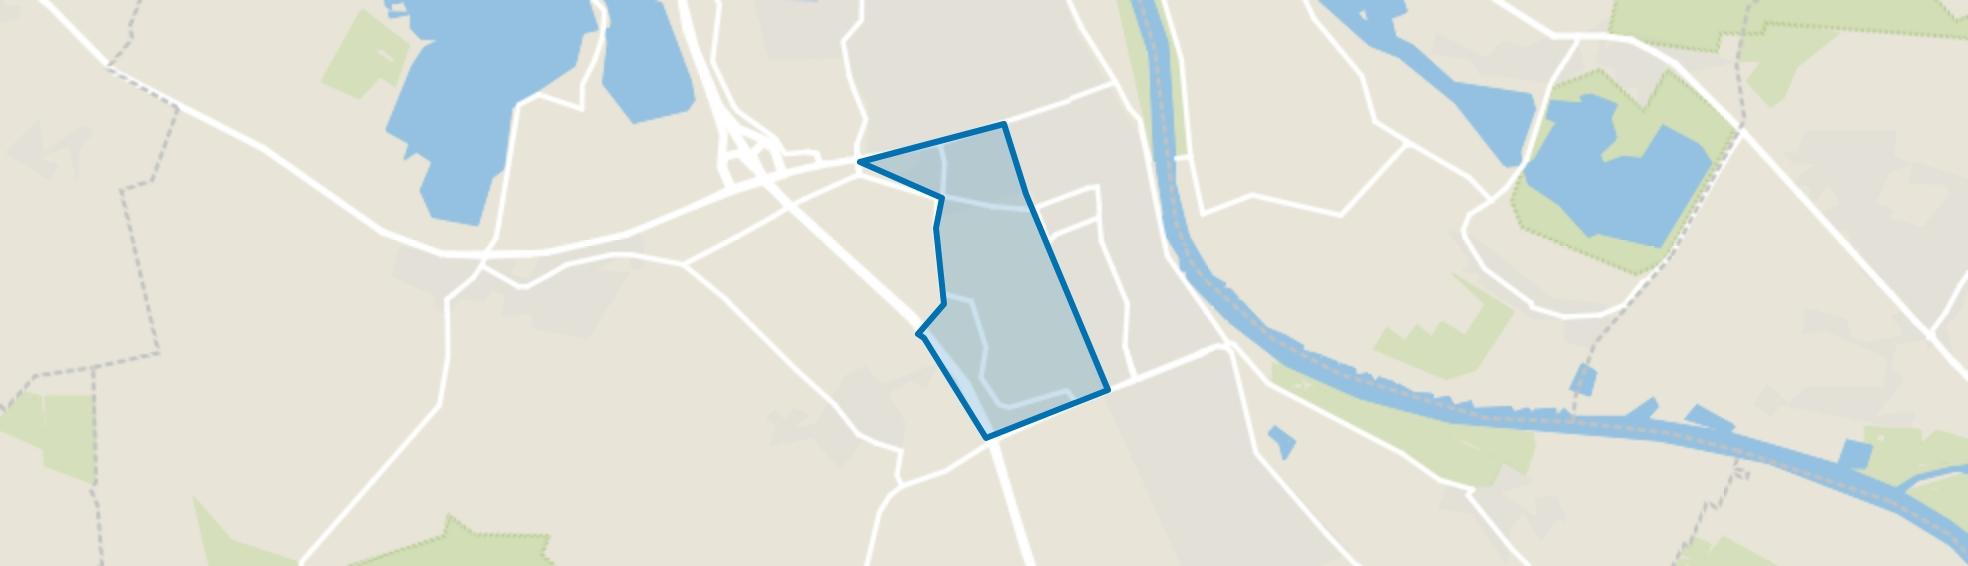 Cuijk industriegebied, Cuijk map